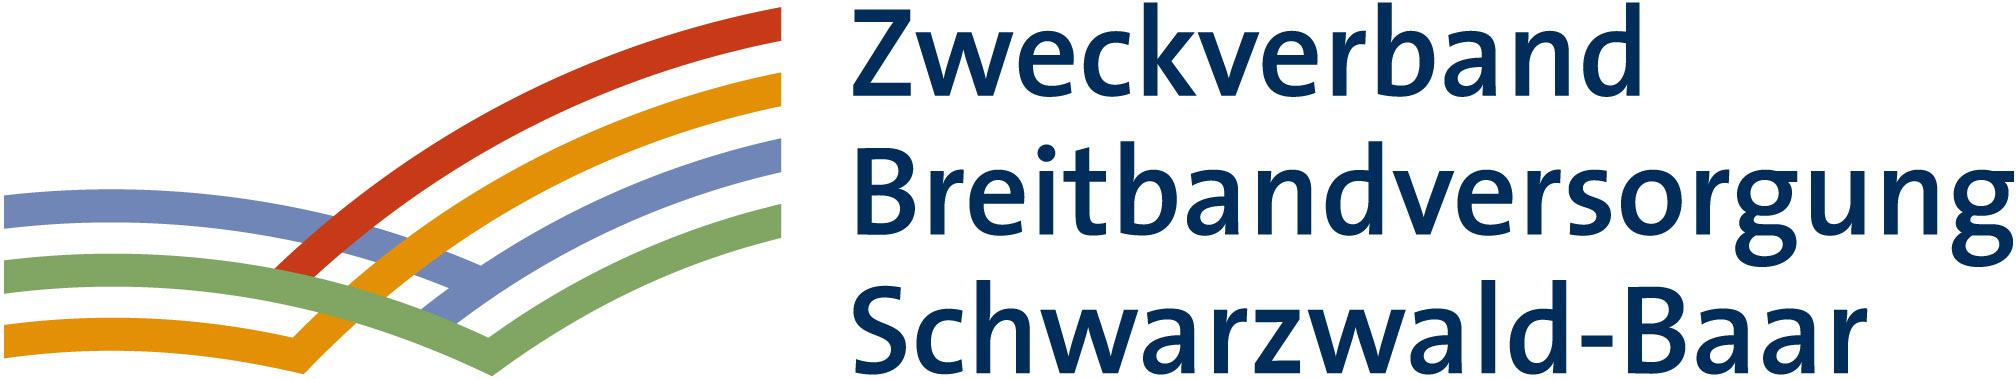 Logo Zweckverband Breitbandversorgung Schwarzwald-Baar